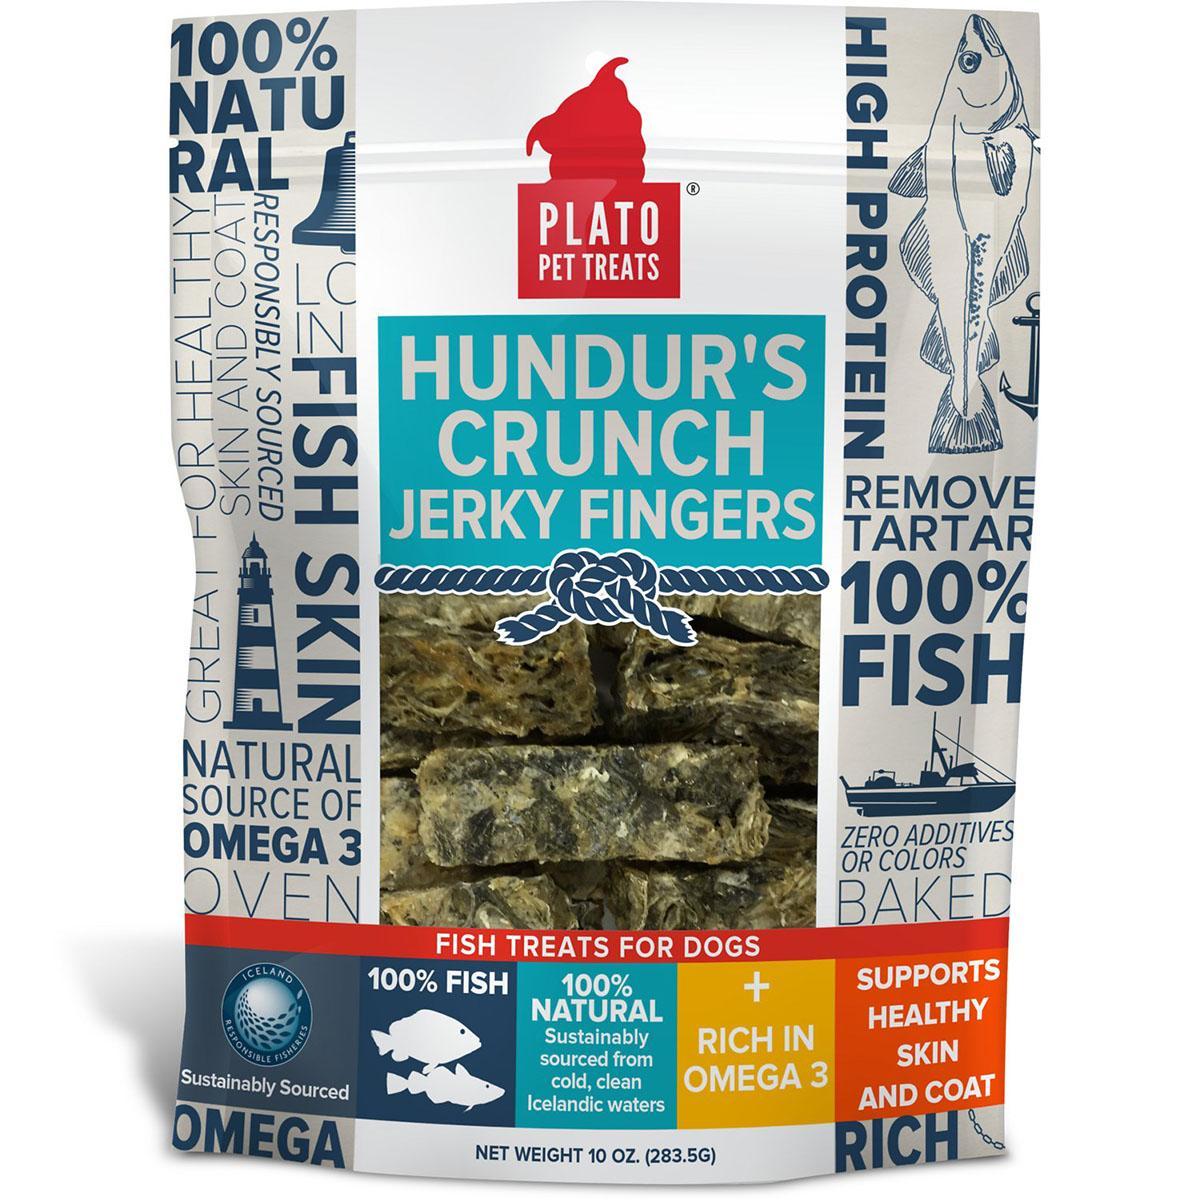 Plato Hundur's Crunch Jerky Fingers Fish Dog Treats